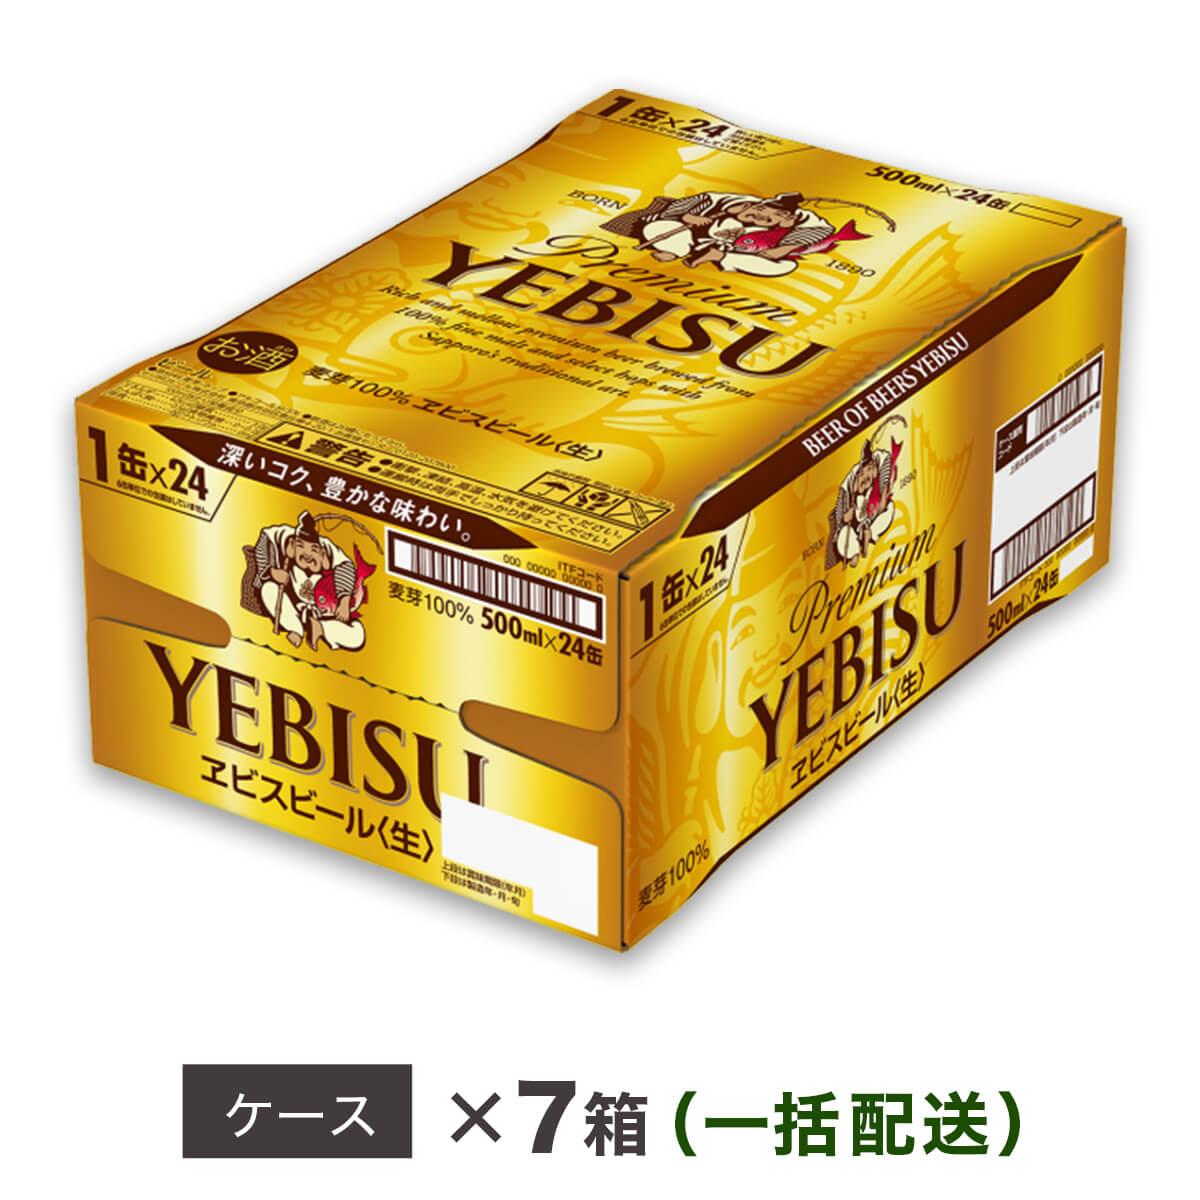 【ふるさと納税】ヱビスビール 地元名取工場産(500ml×24本入を7ケースお届け)同時お届け